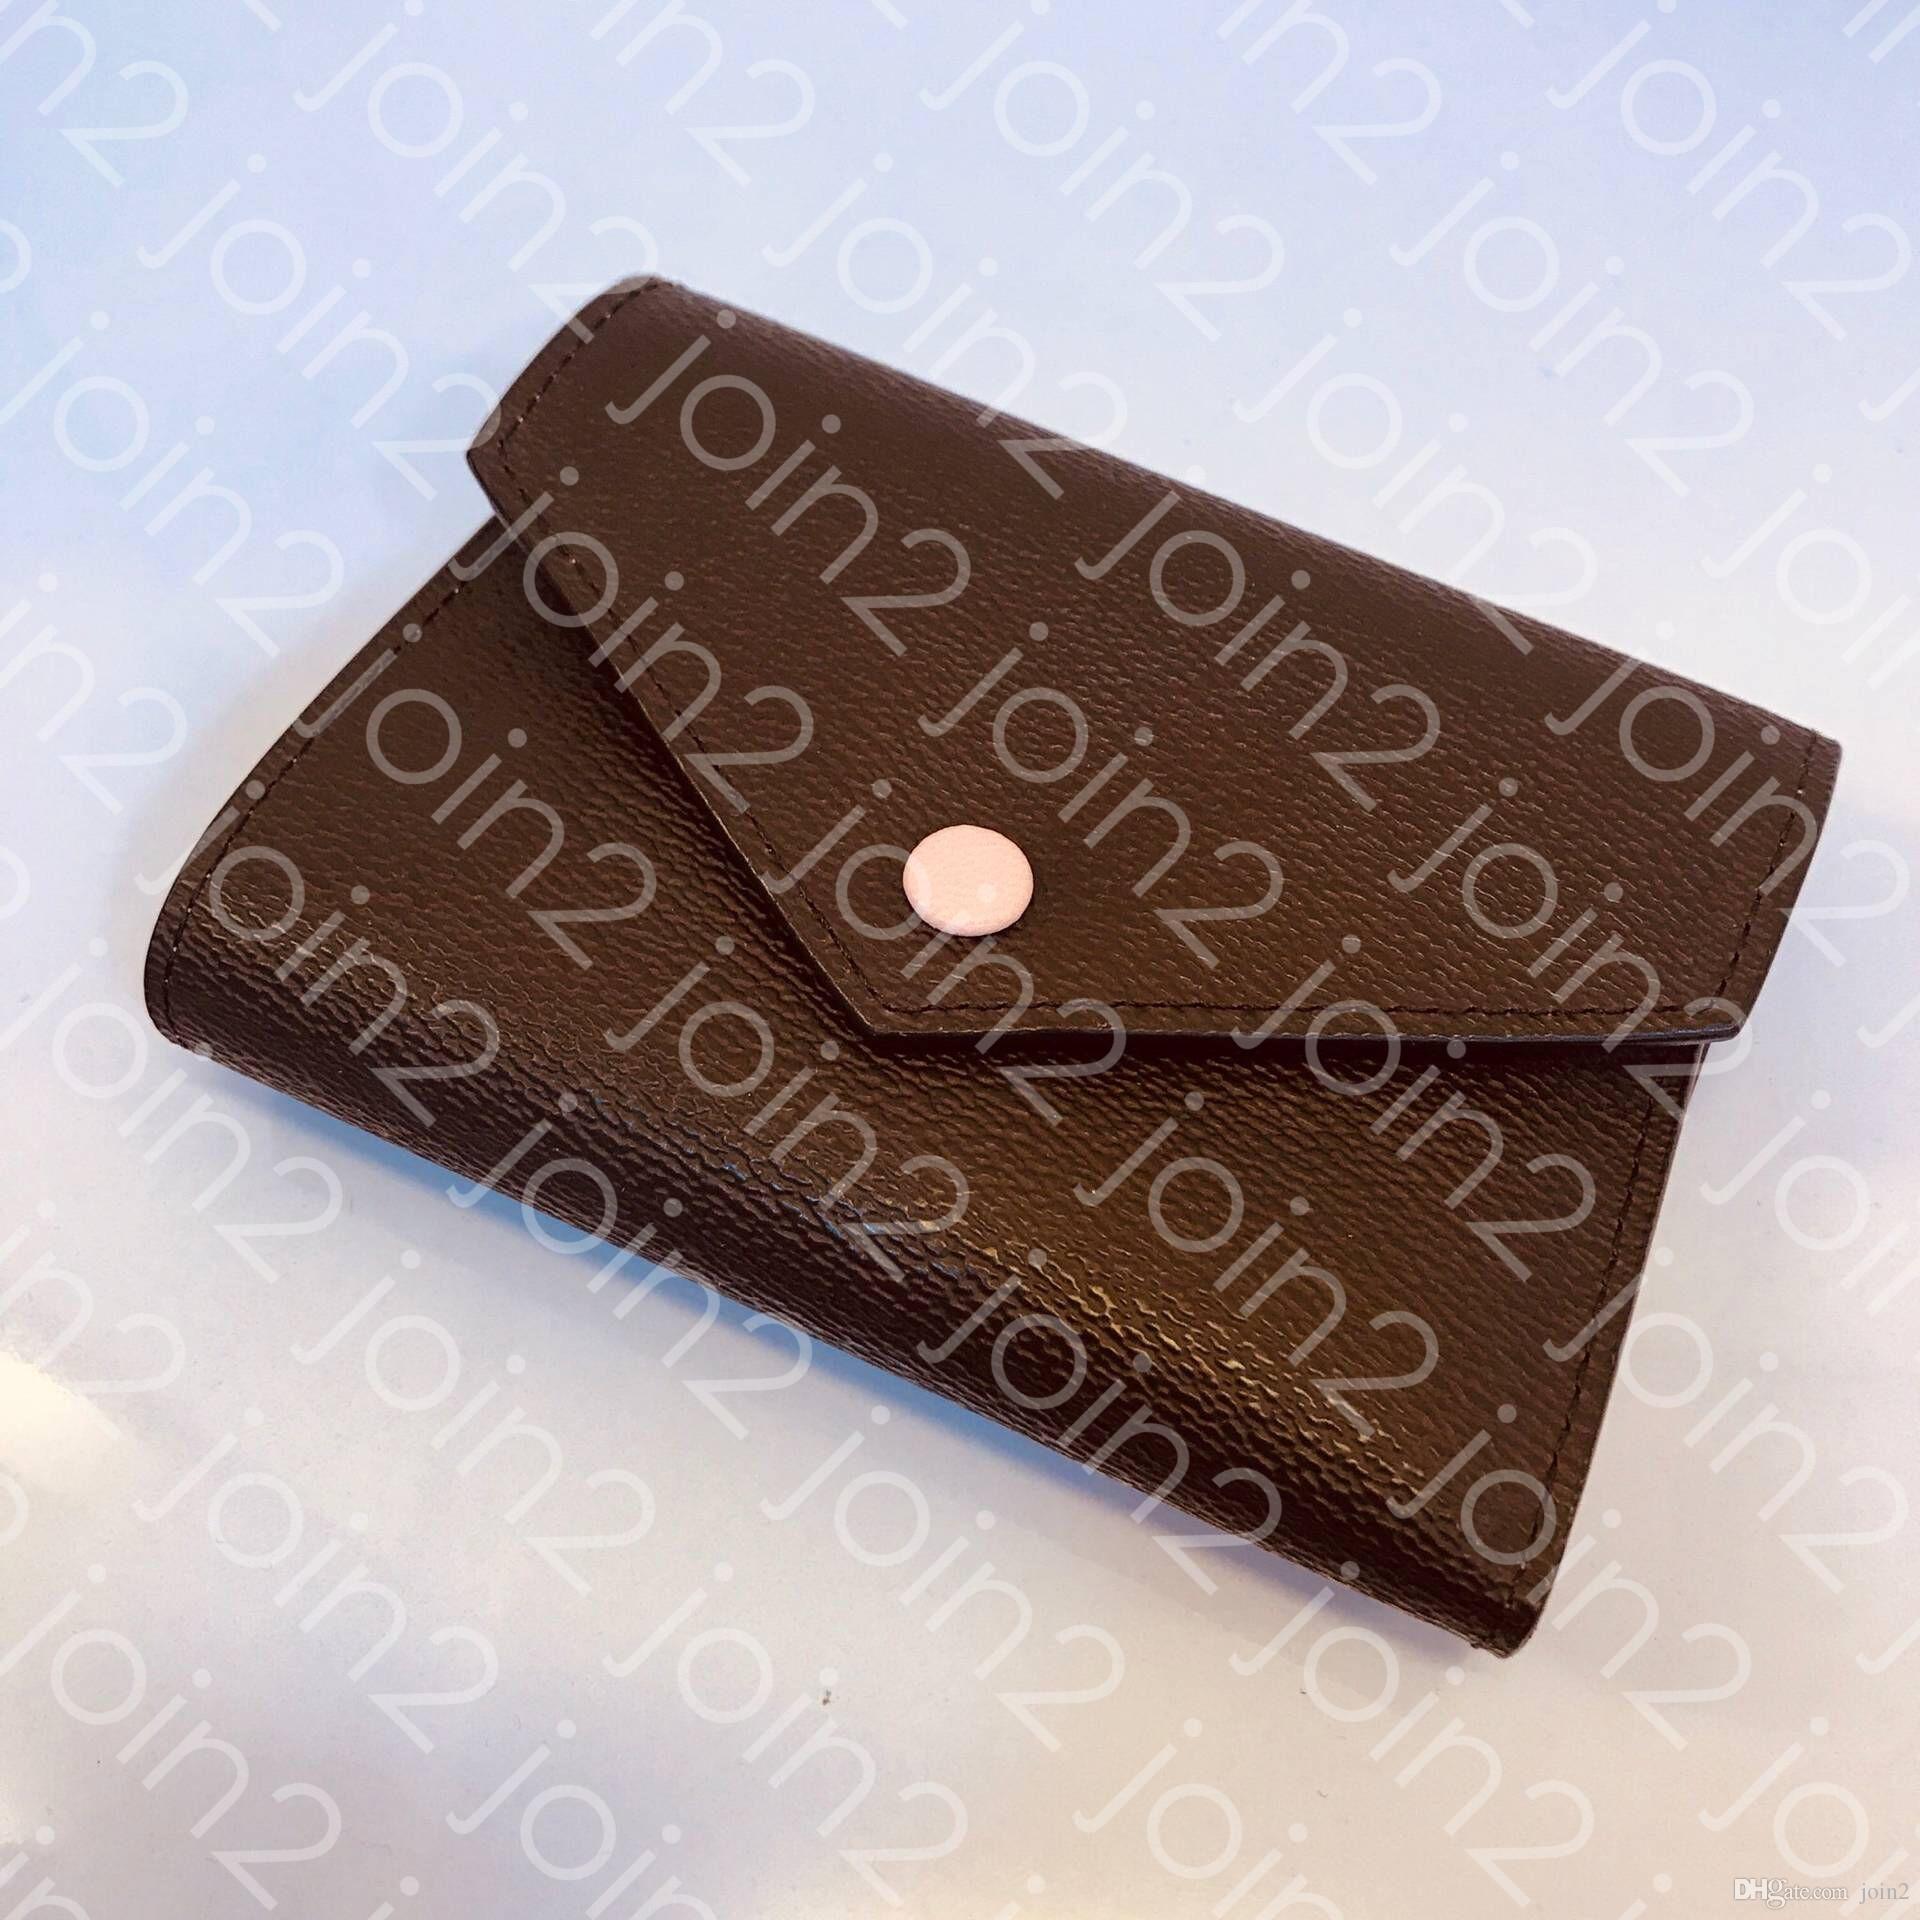 VICTORINE WALLET High End Fashion Womens Short Portefeuille Porte-monnaie Titulaire de la carte de crédit Trésor Compact Portefeuille Marron Blanc Toile Imperméable M41938